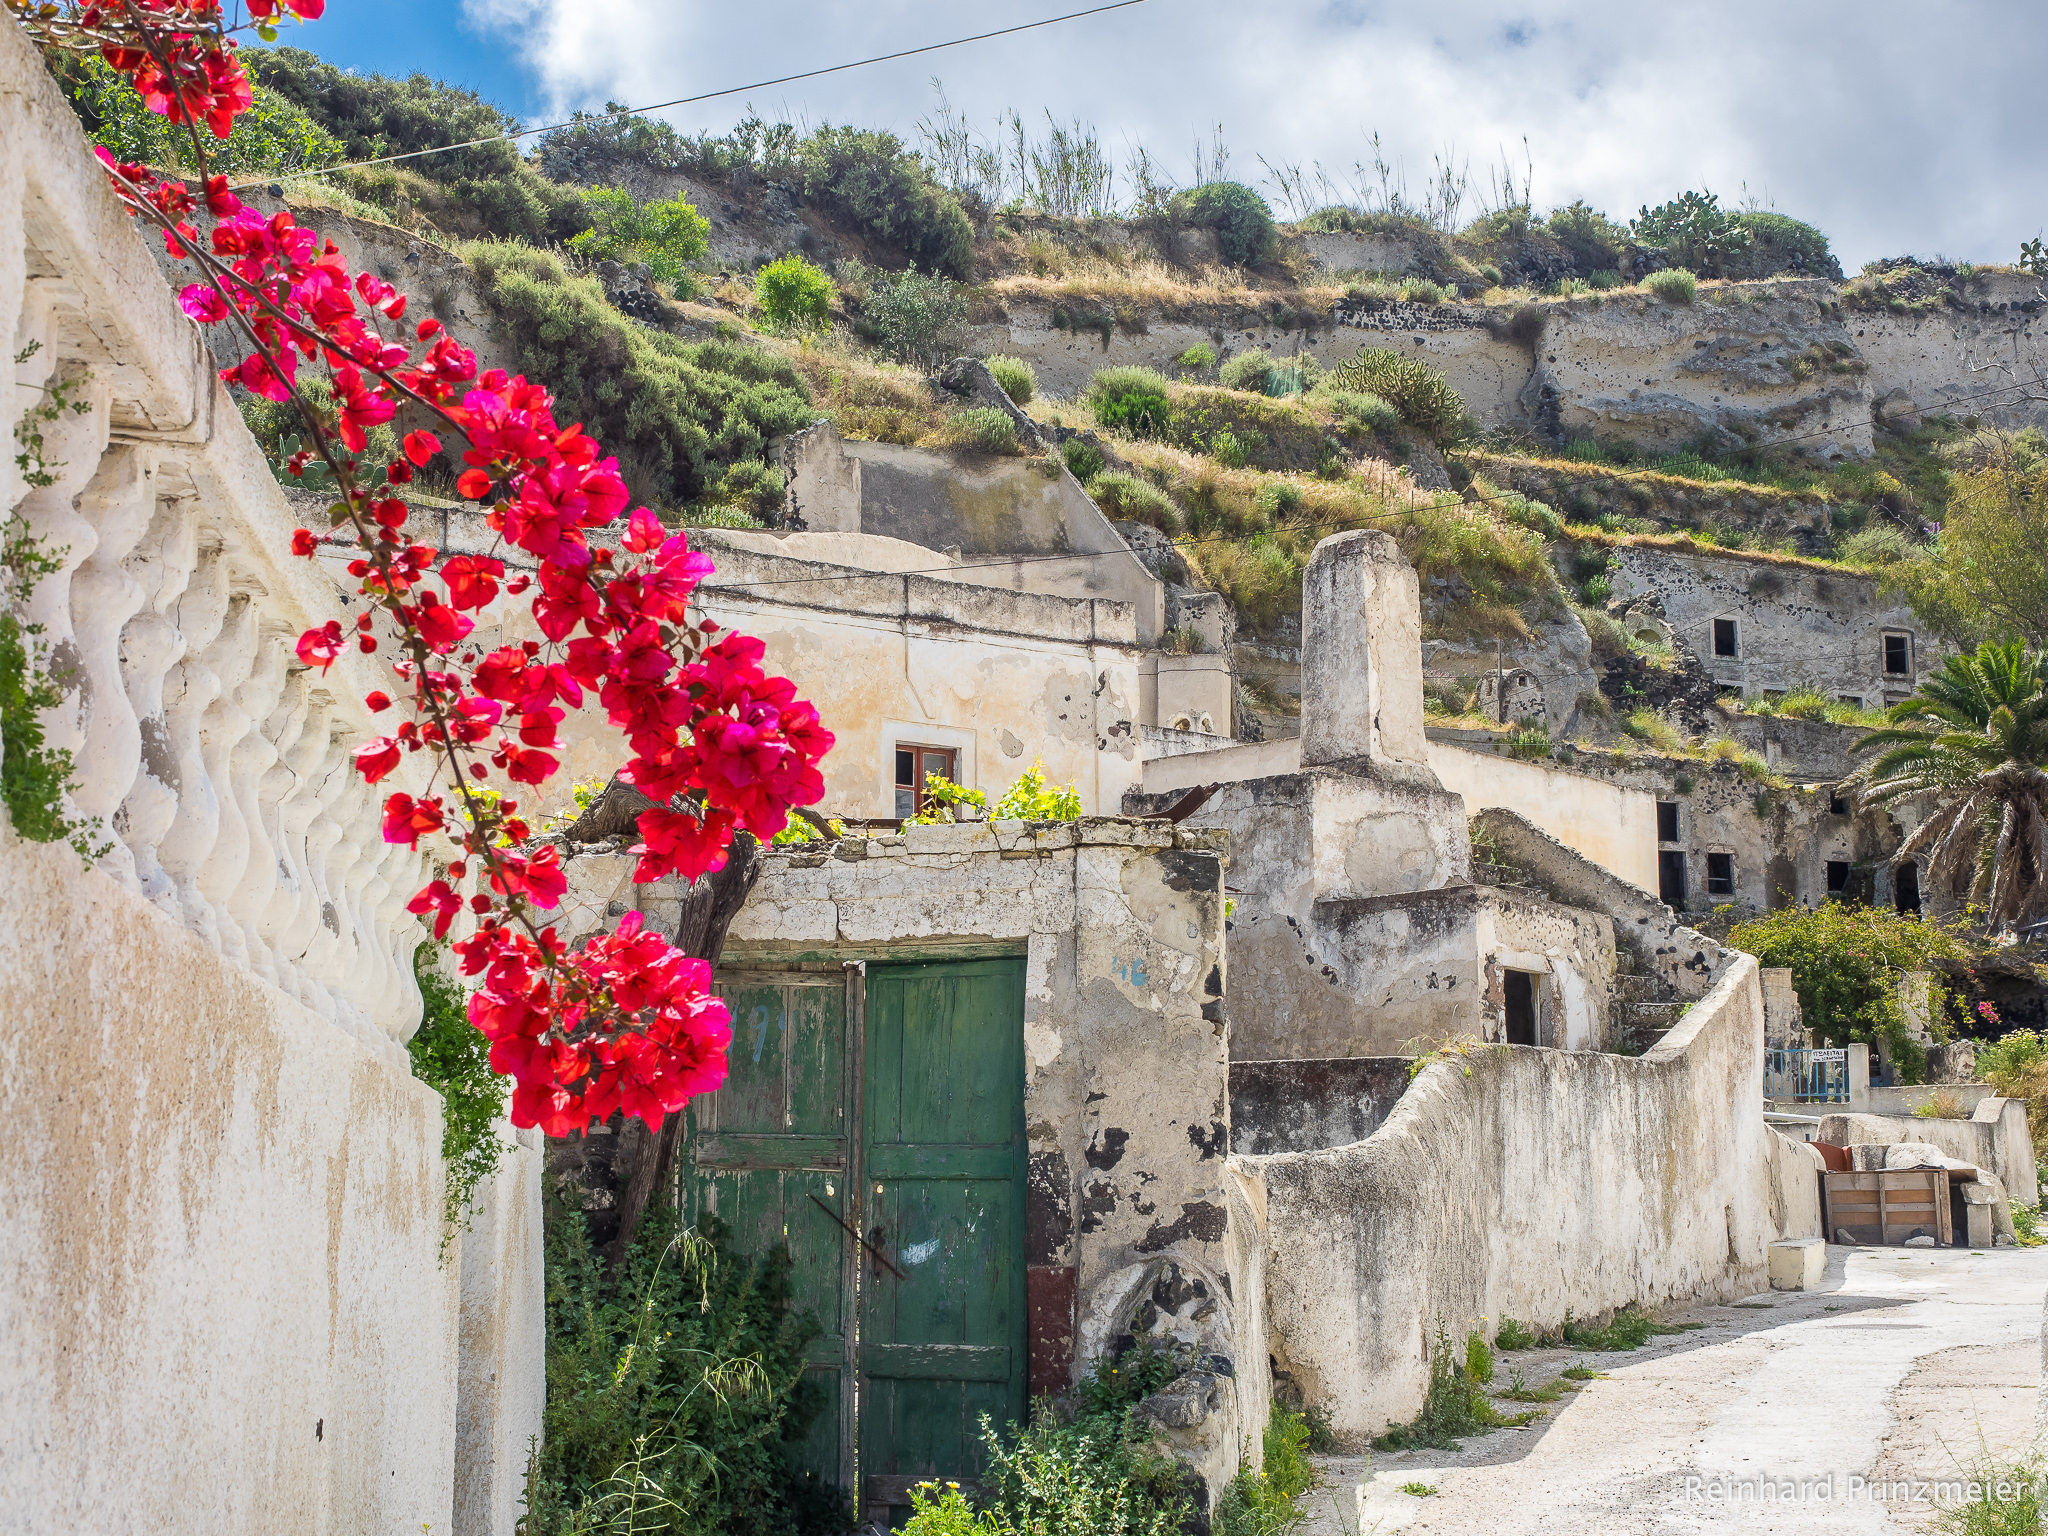 Vóthonas, Greece